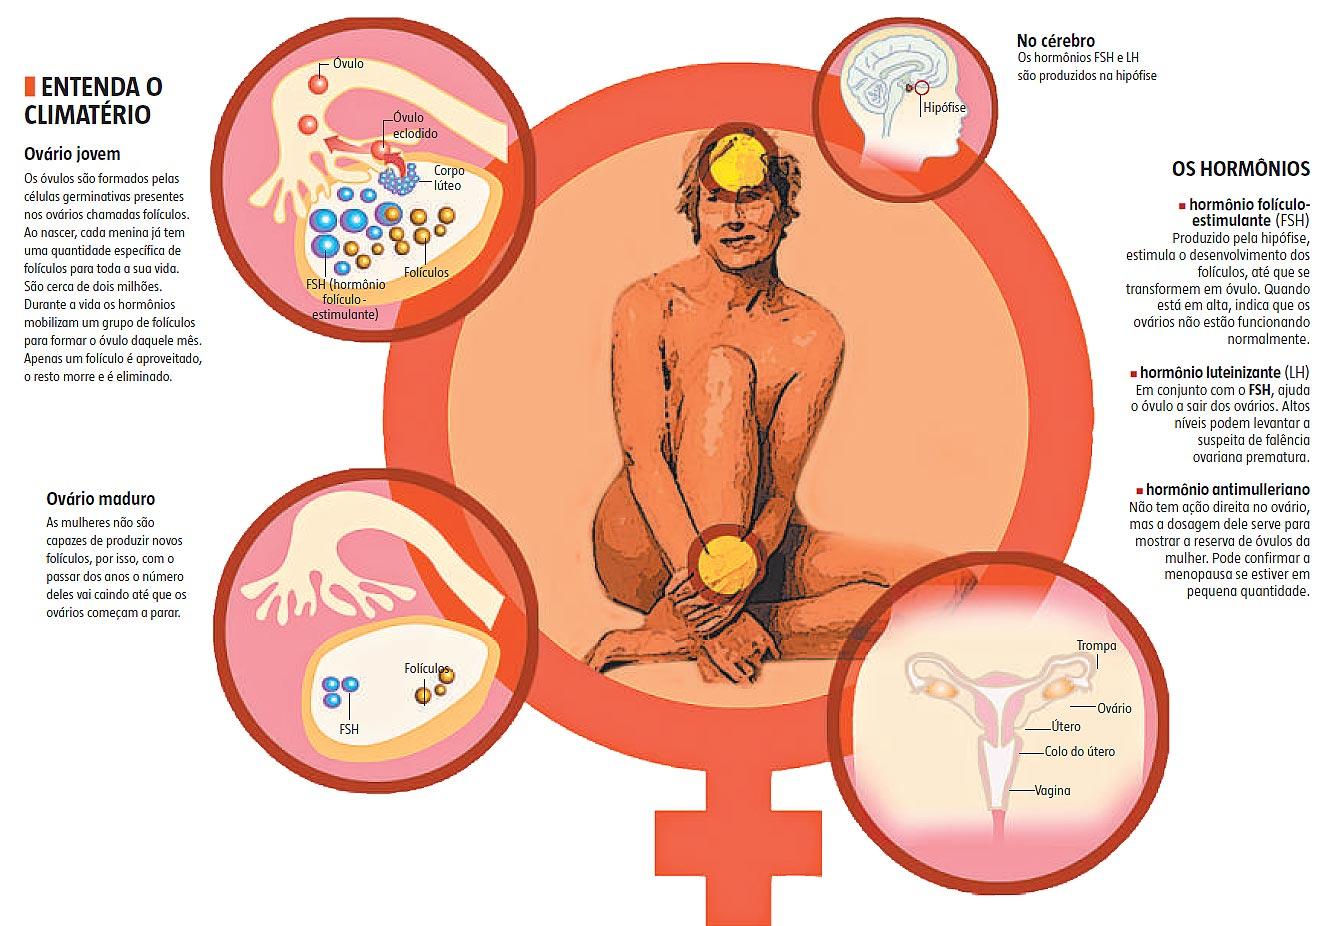 Menopausa e vida sexual prazerosa não são antagonistas